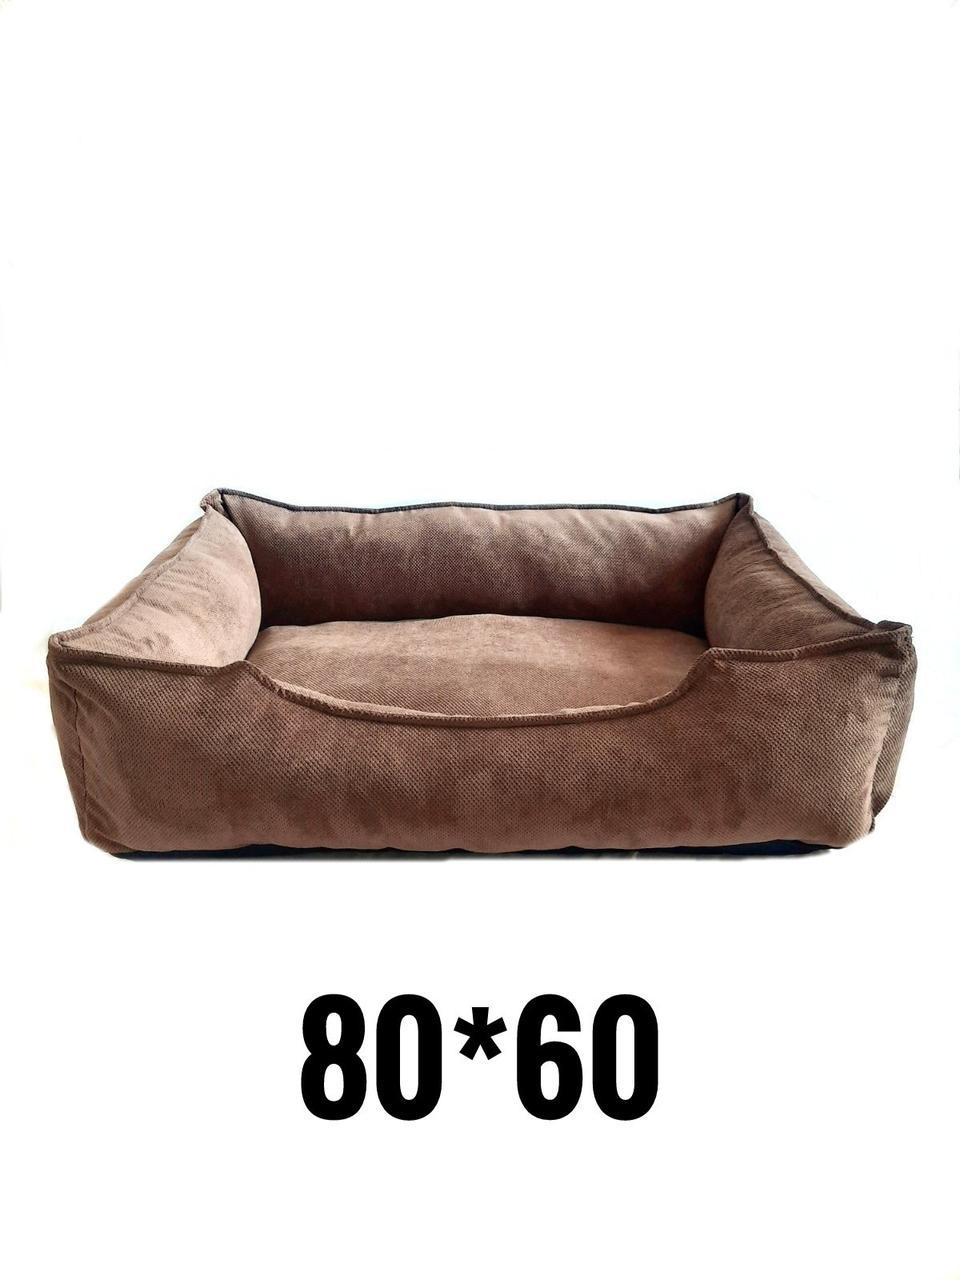 Лежак лежанка 80*60 спальное место  для (собак и кошек ) животных  съемный чехол